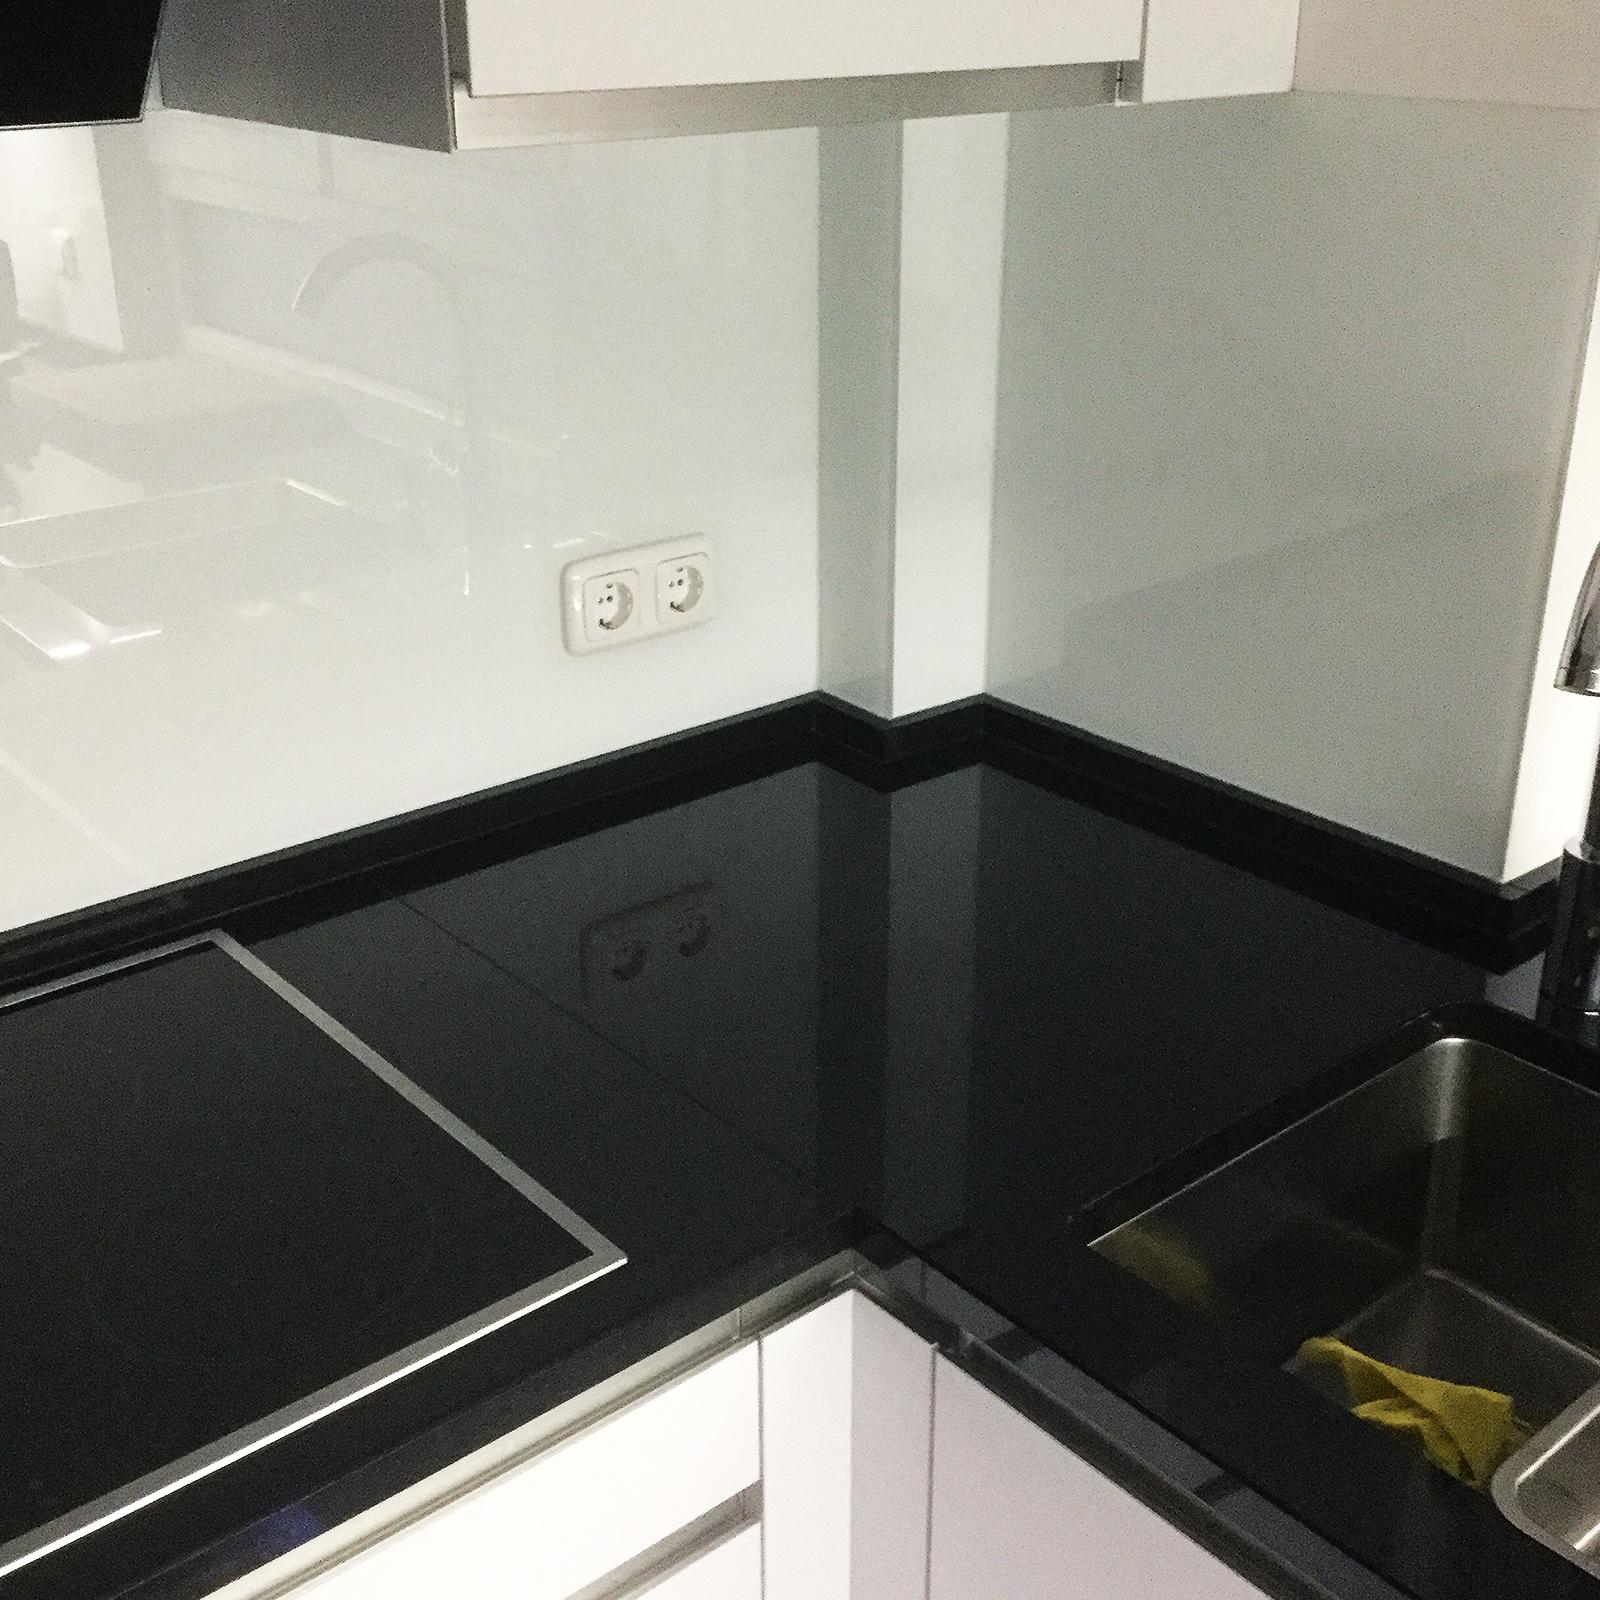 Küchenrückwand Weiß unsere produkte alles rund ums glas spiegel duschen fenster